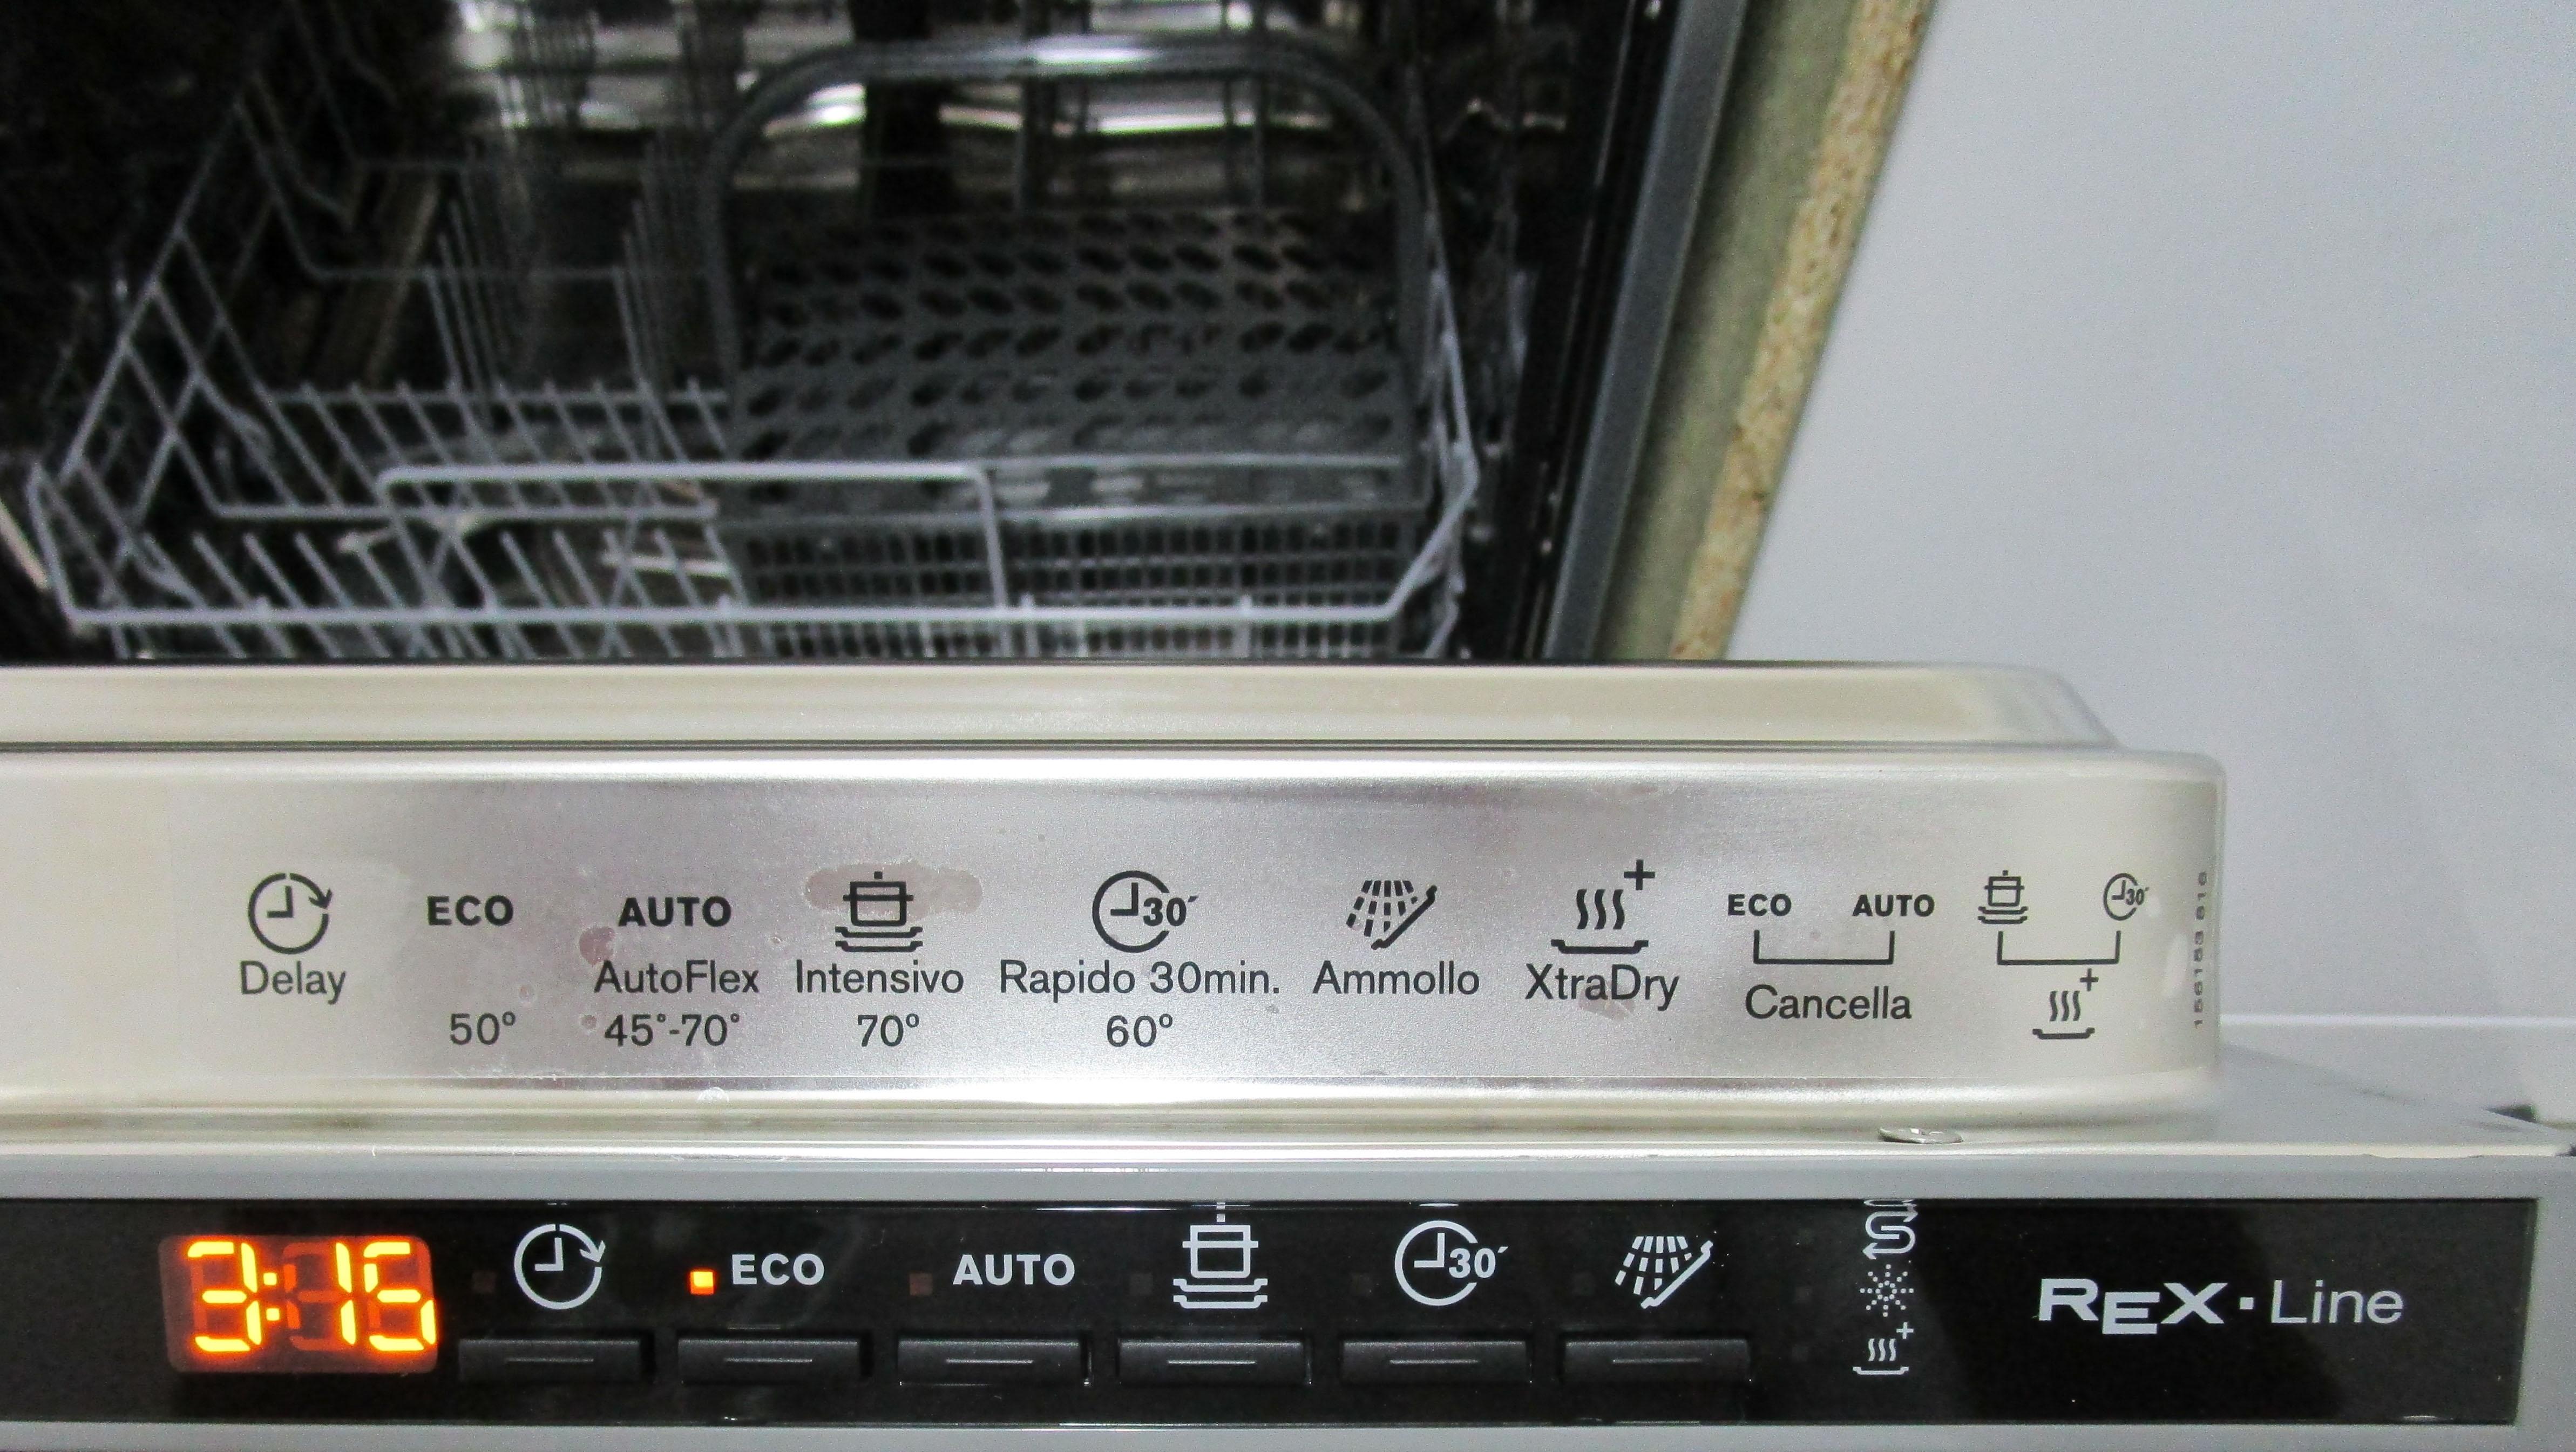 I dettagli del test sulla lavastoviglie ELECTROLUX TT703L3